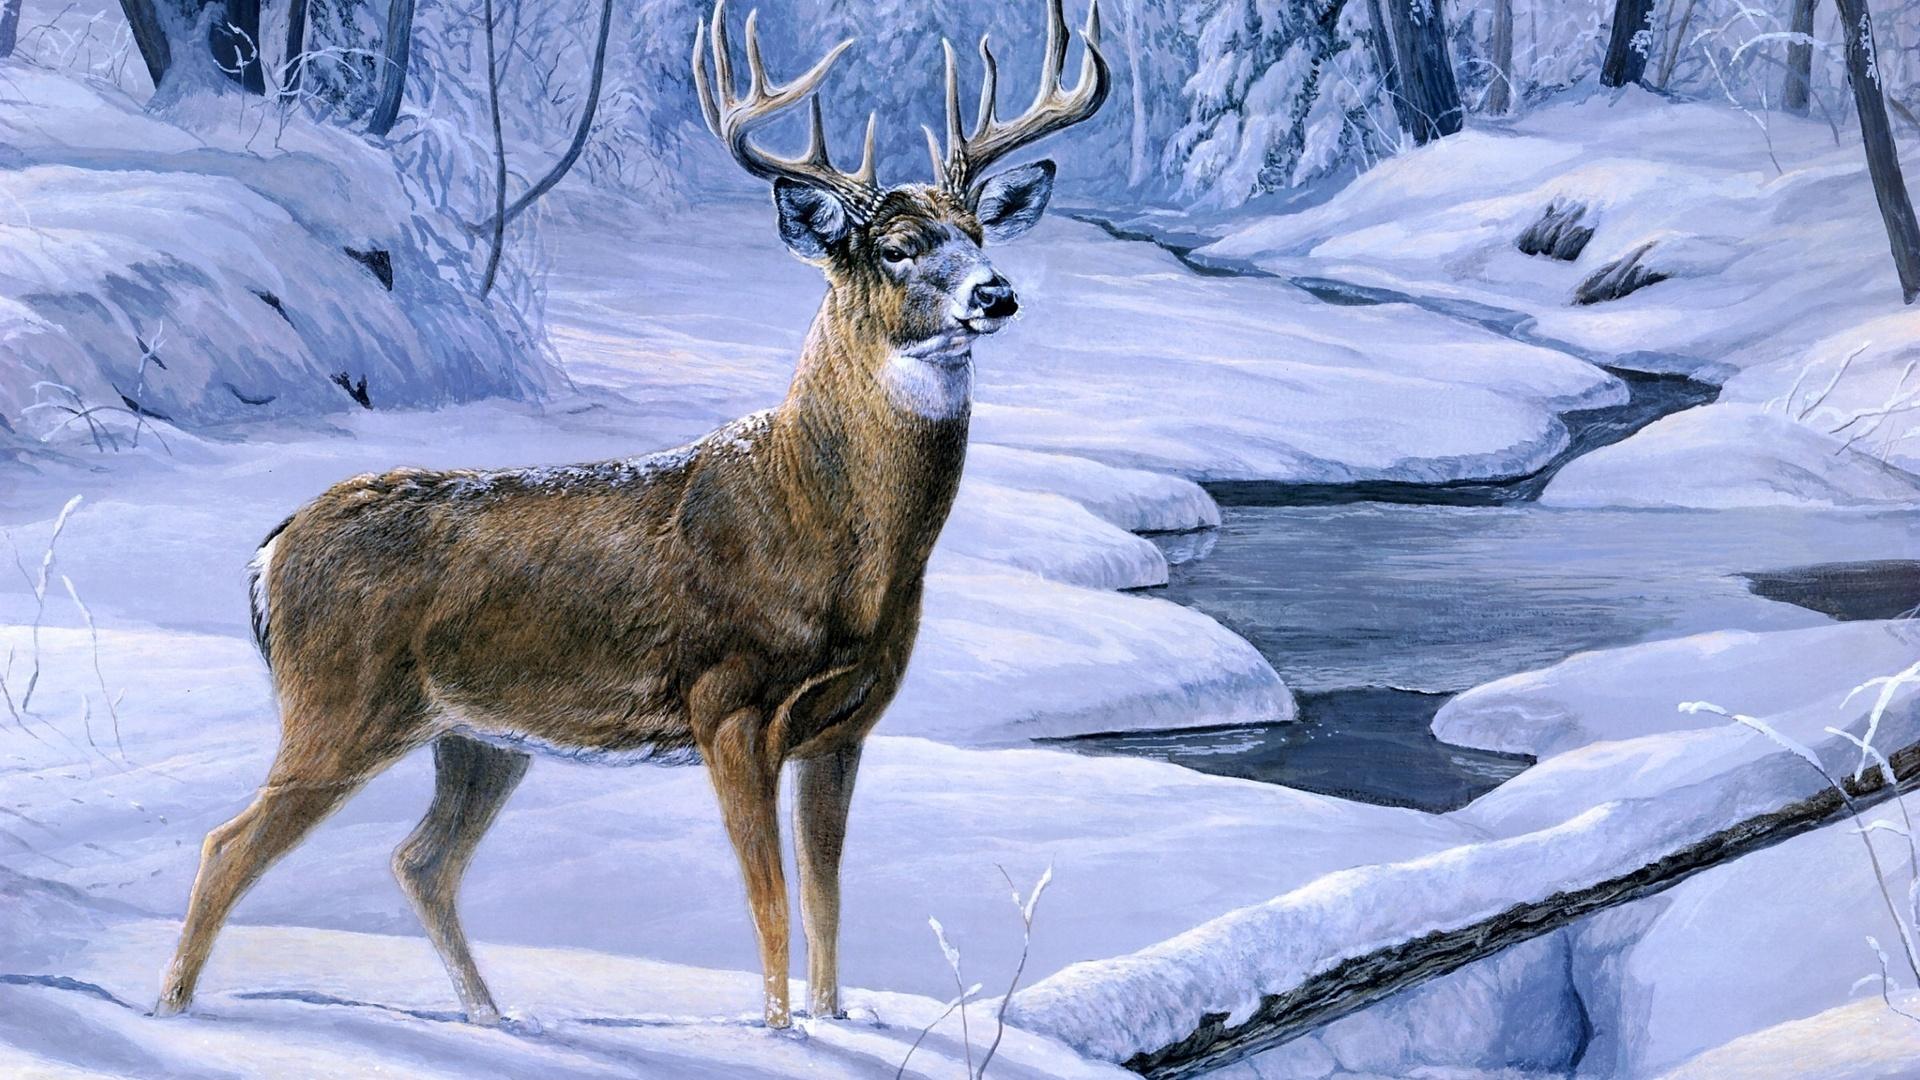 Deer Scene Wallpaper Wallpapersafari